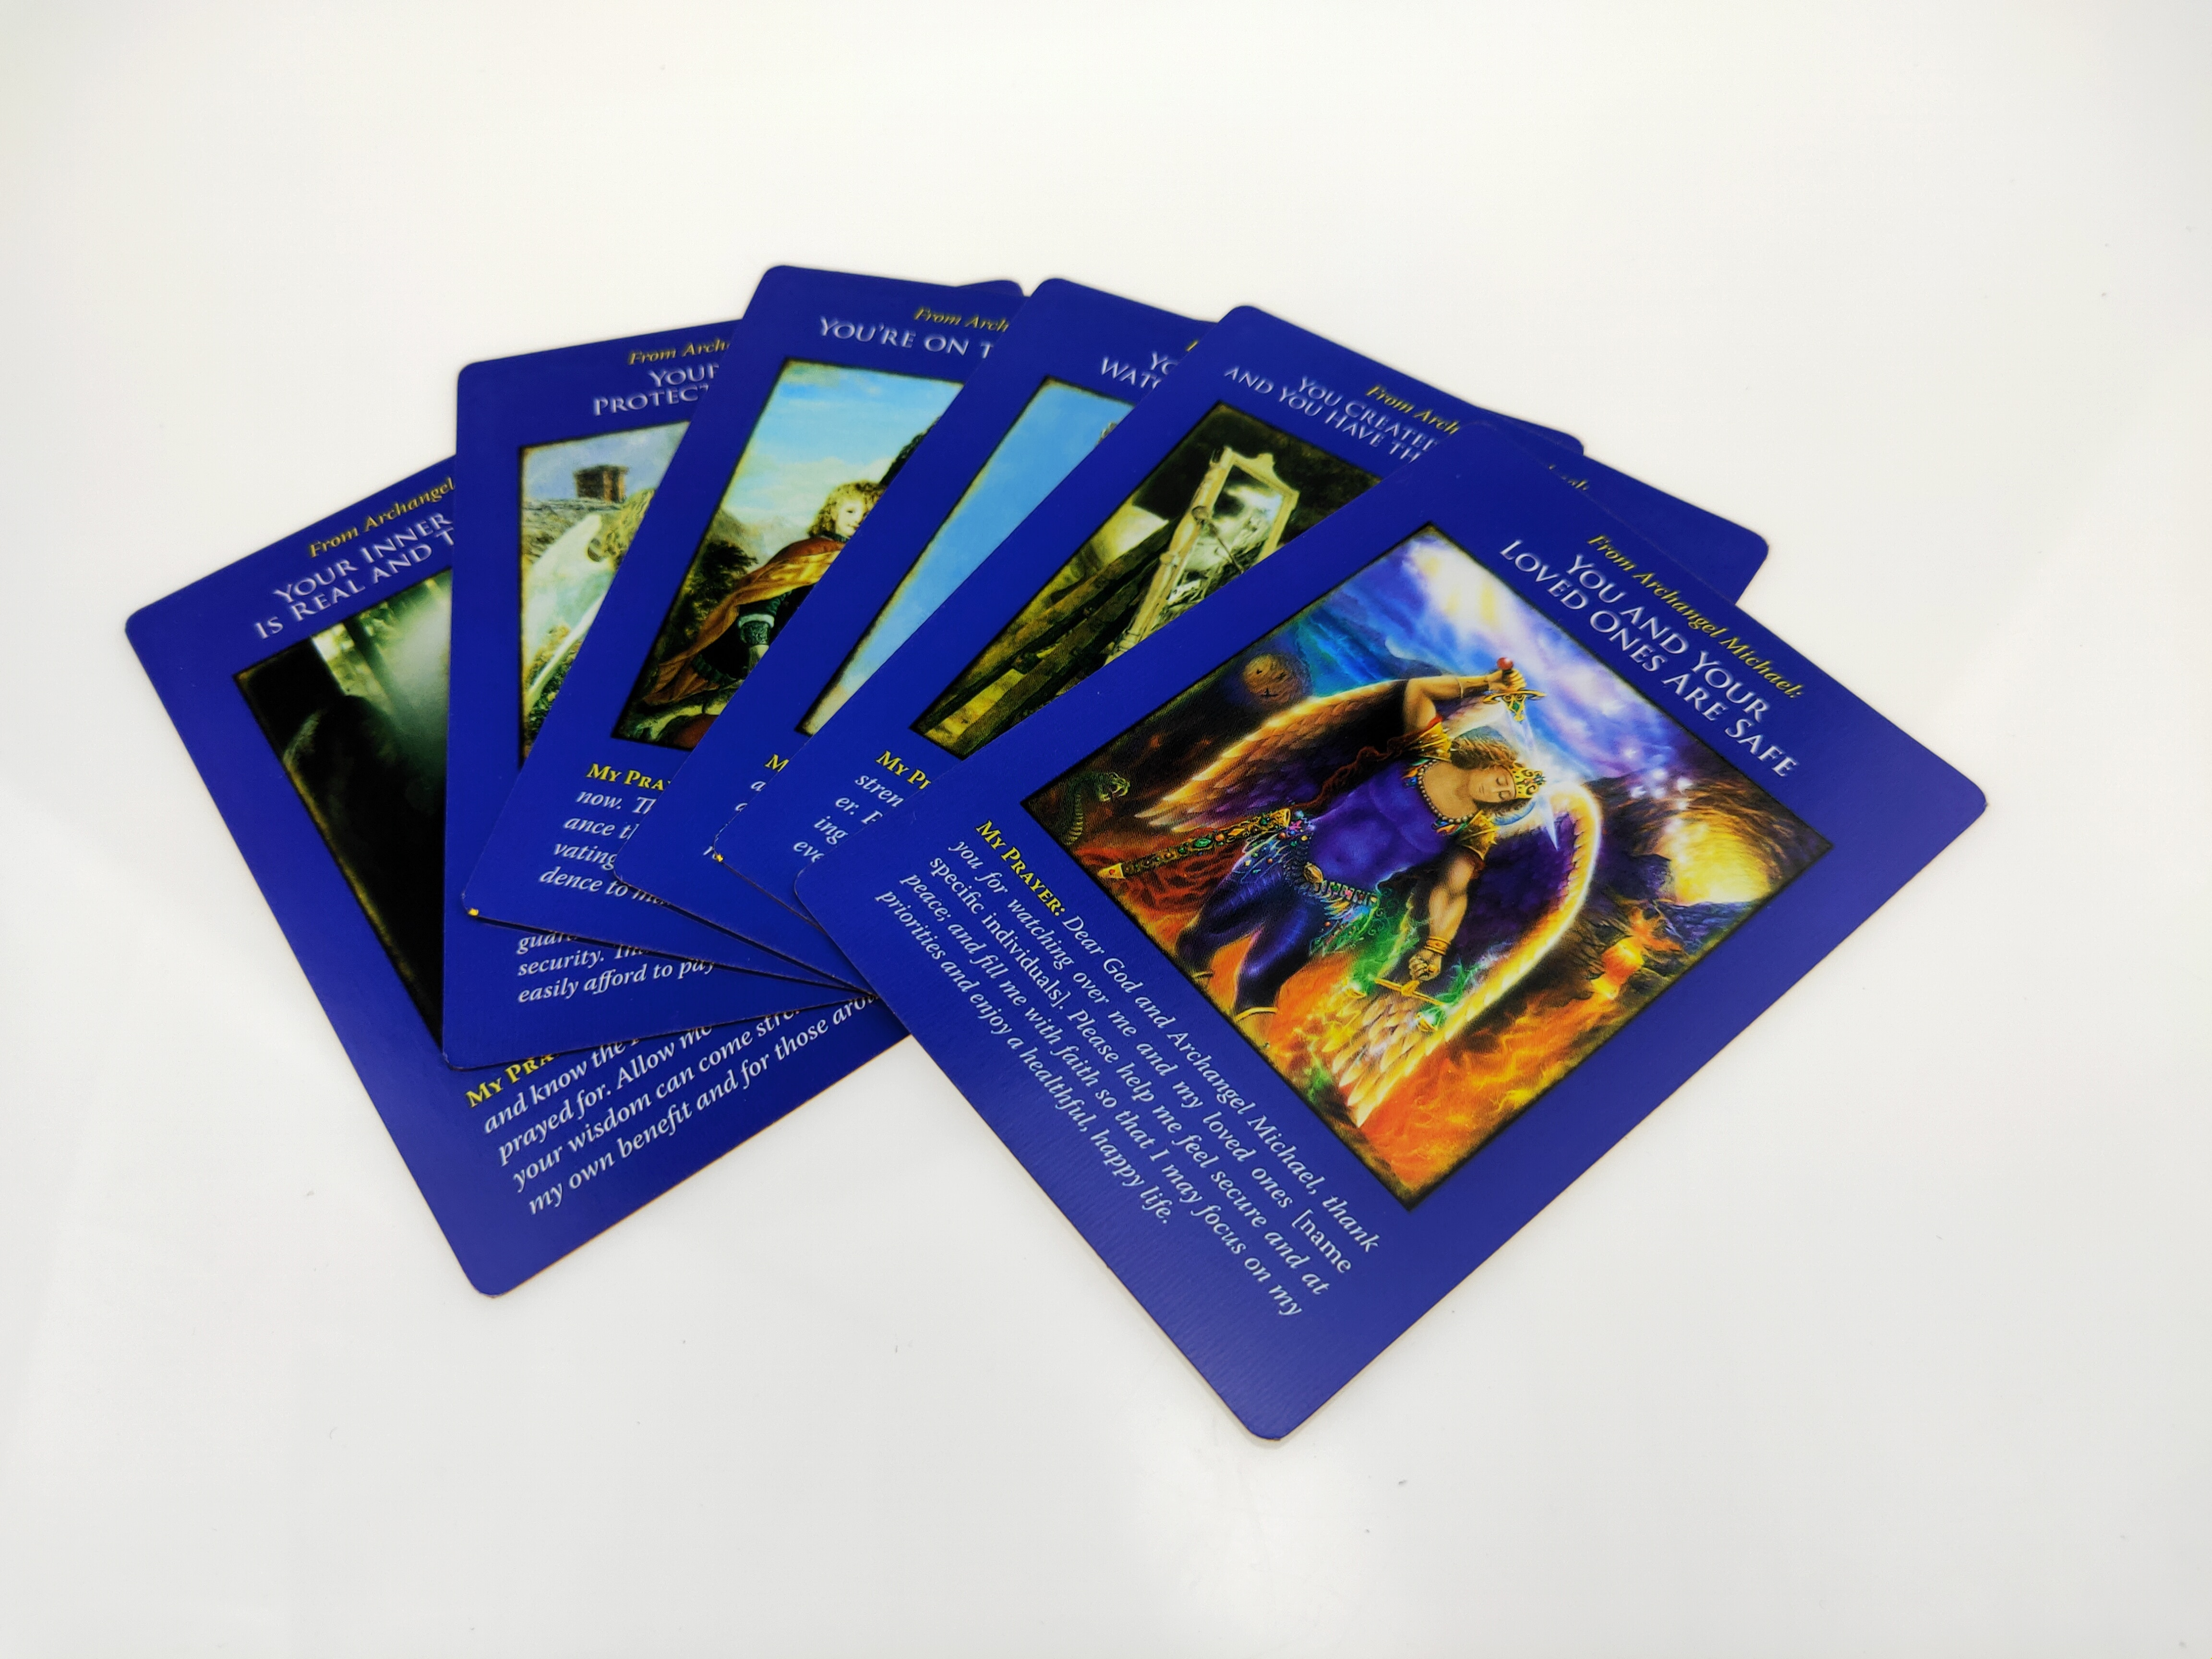 44pc arcanjo michael oracle cartões baralho tarô cartões festa durável jogo revestido cartão papel jogando cartão jogos de tabuleiro entretenimento